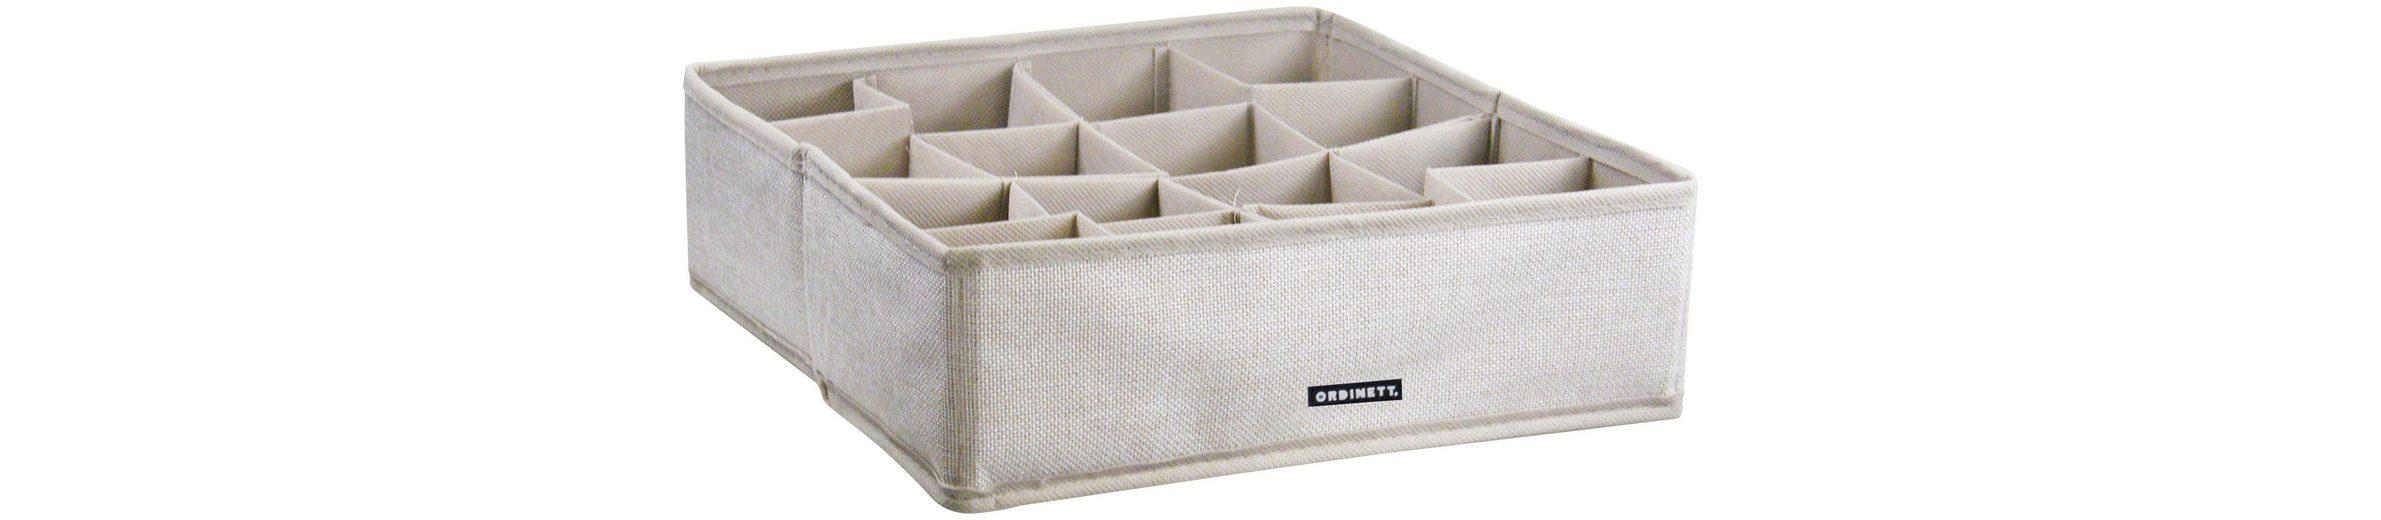 Aufbewahrungsbox »Linette«, mit 16 Fächern, 30,5x30,5x10 cm, 2er-Set